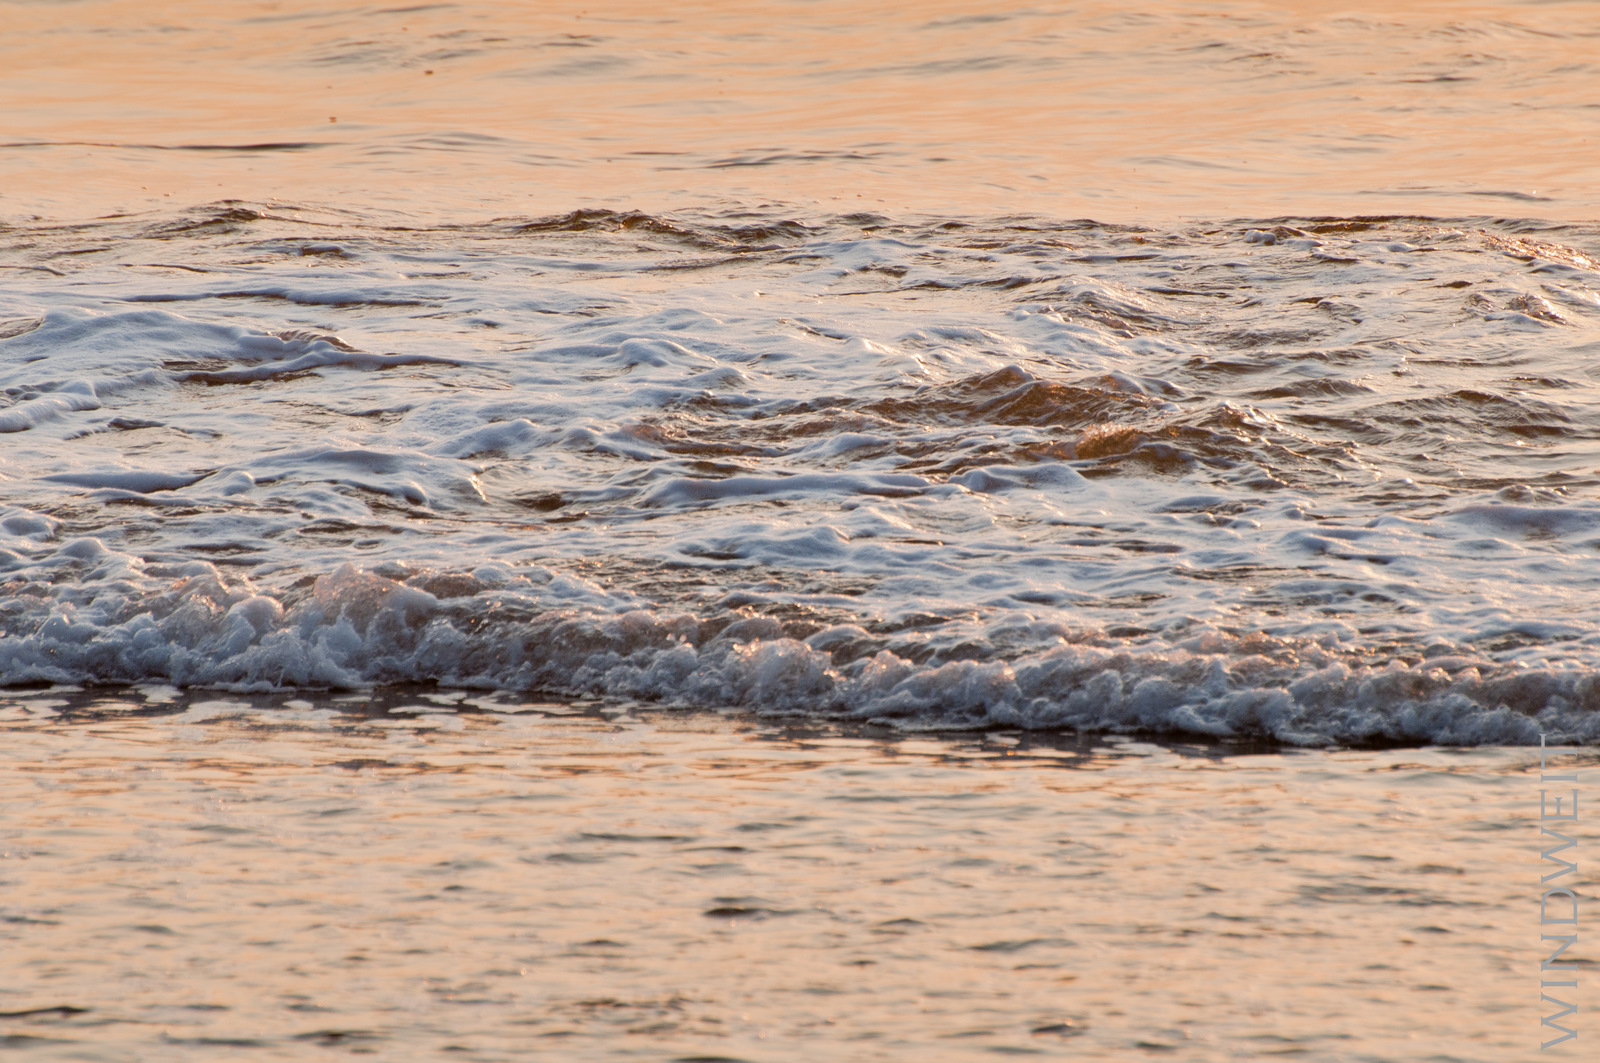 Wellen bei der aufgehenden Sonne